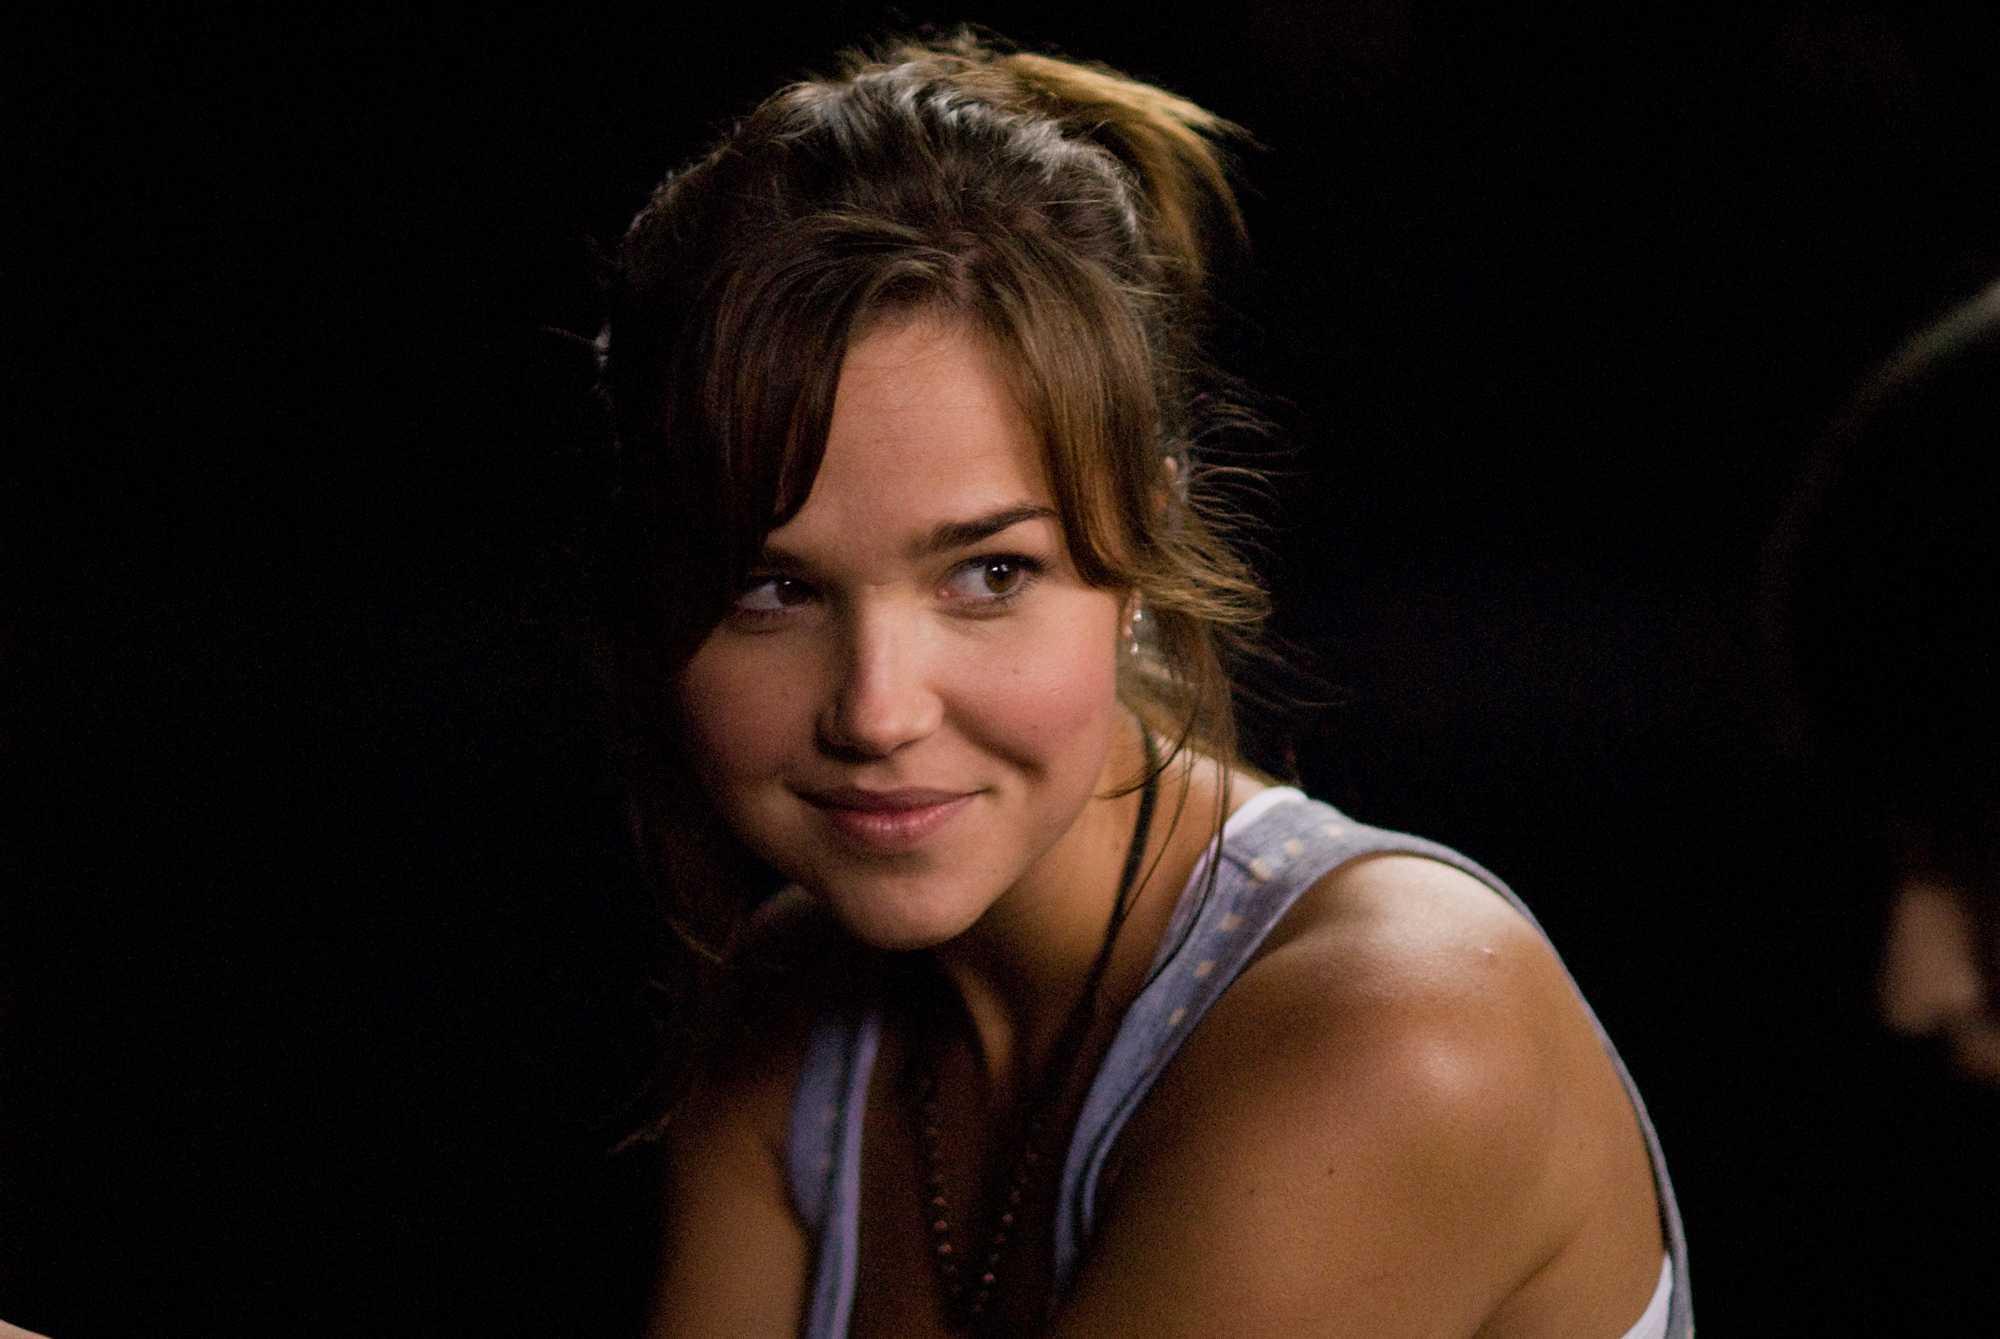 Arielle Kebbel - IMDb